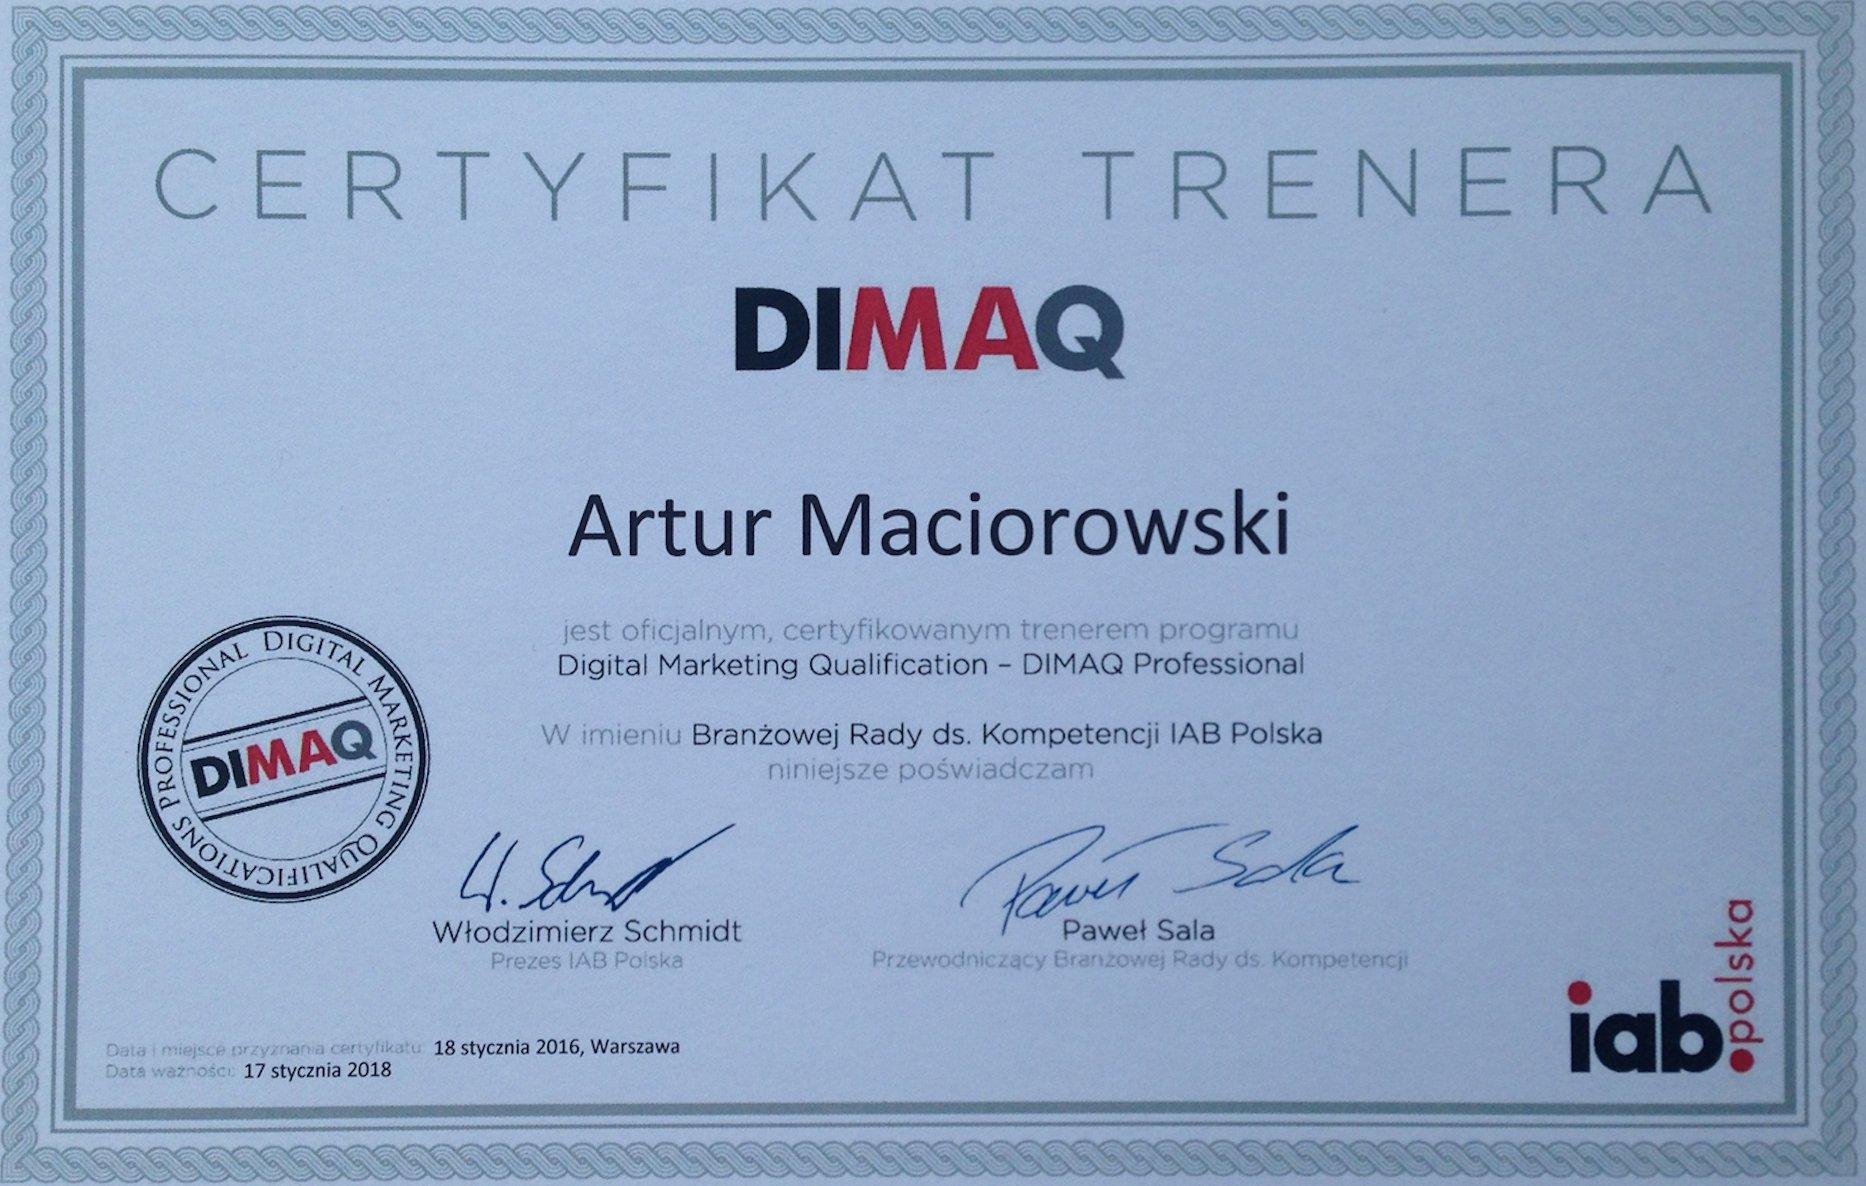 DIMAQ IAB trener certyfikowany Artur Maciorowski